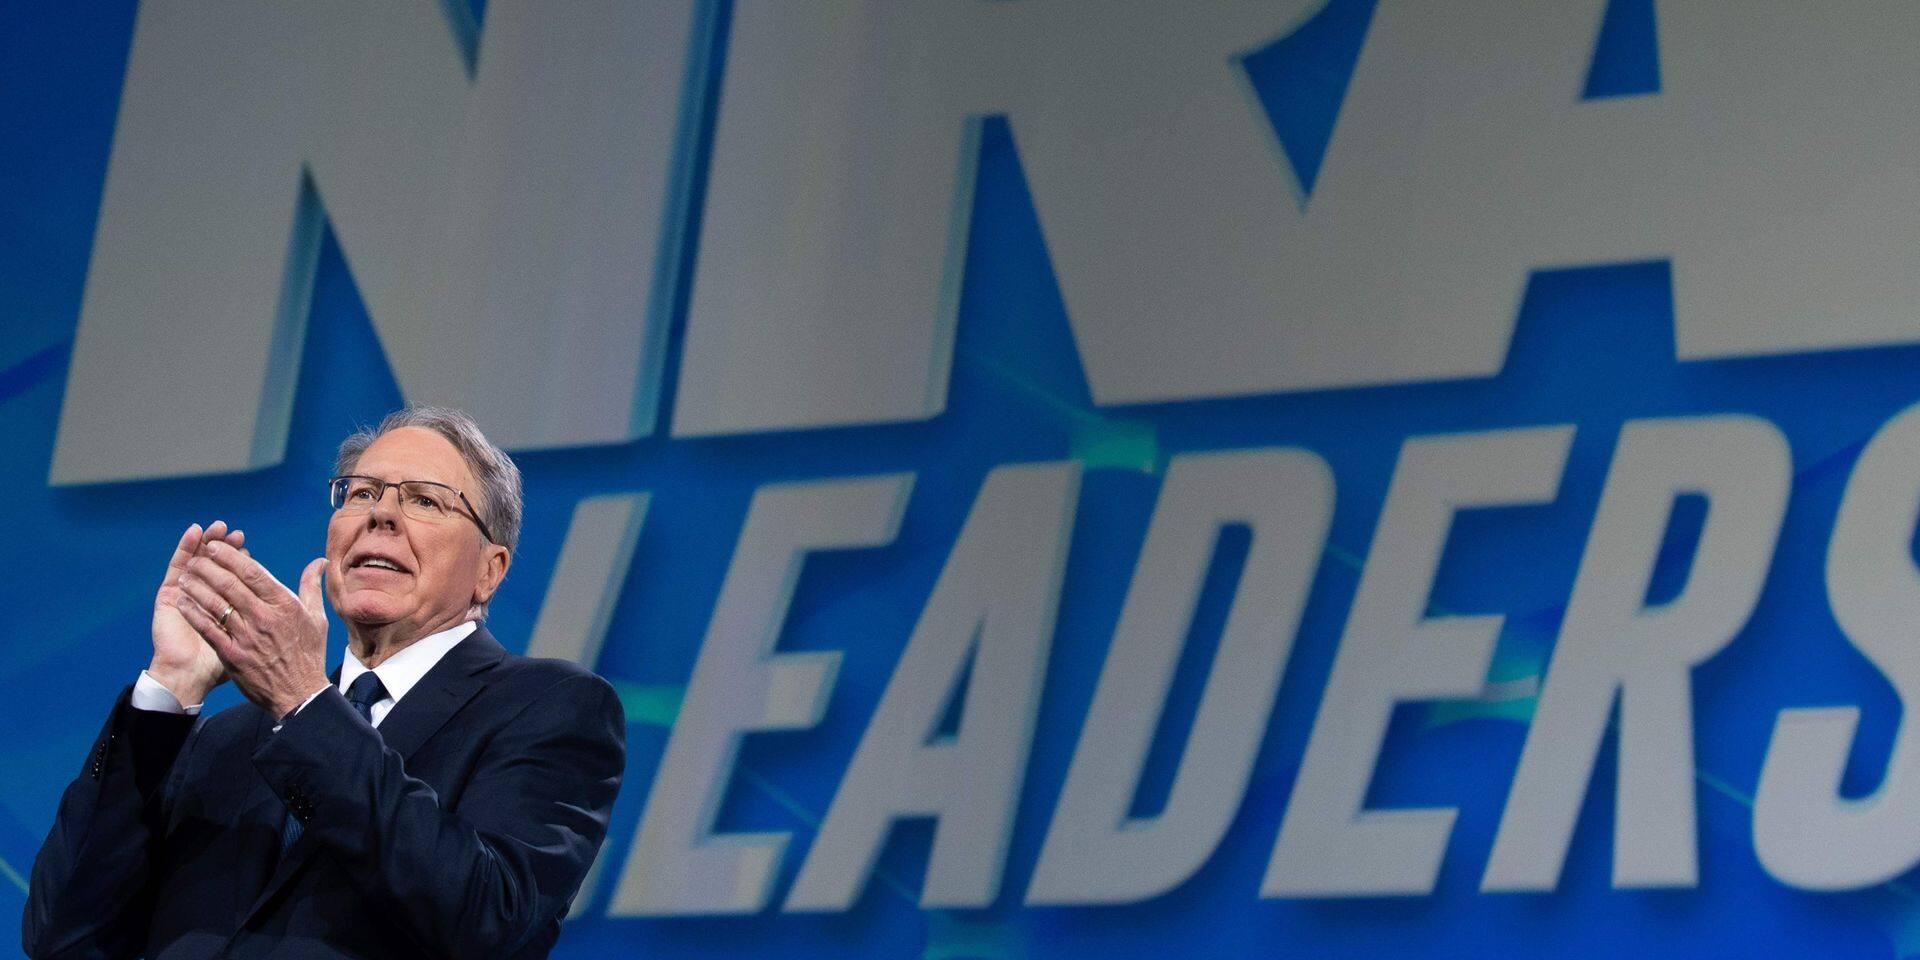 La procureure de New York veut dissoudre la puissante NRA